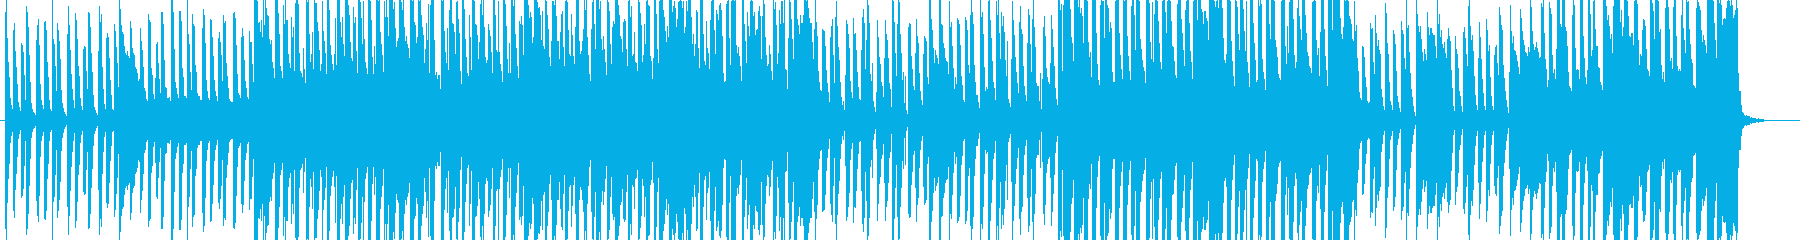 ポリリズム感のある変拍子ピアノポップの再生済みの波形